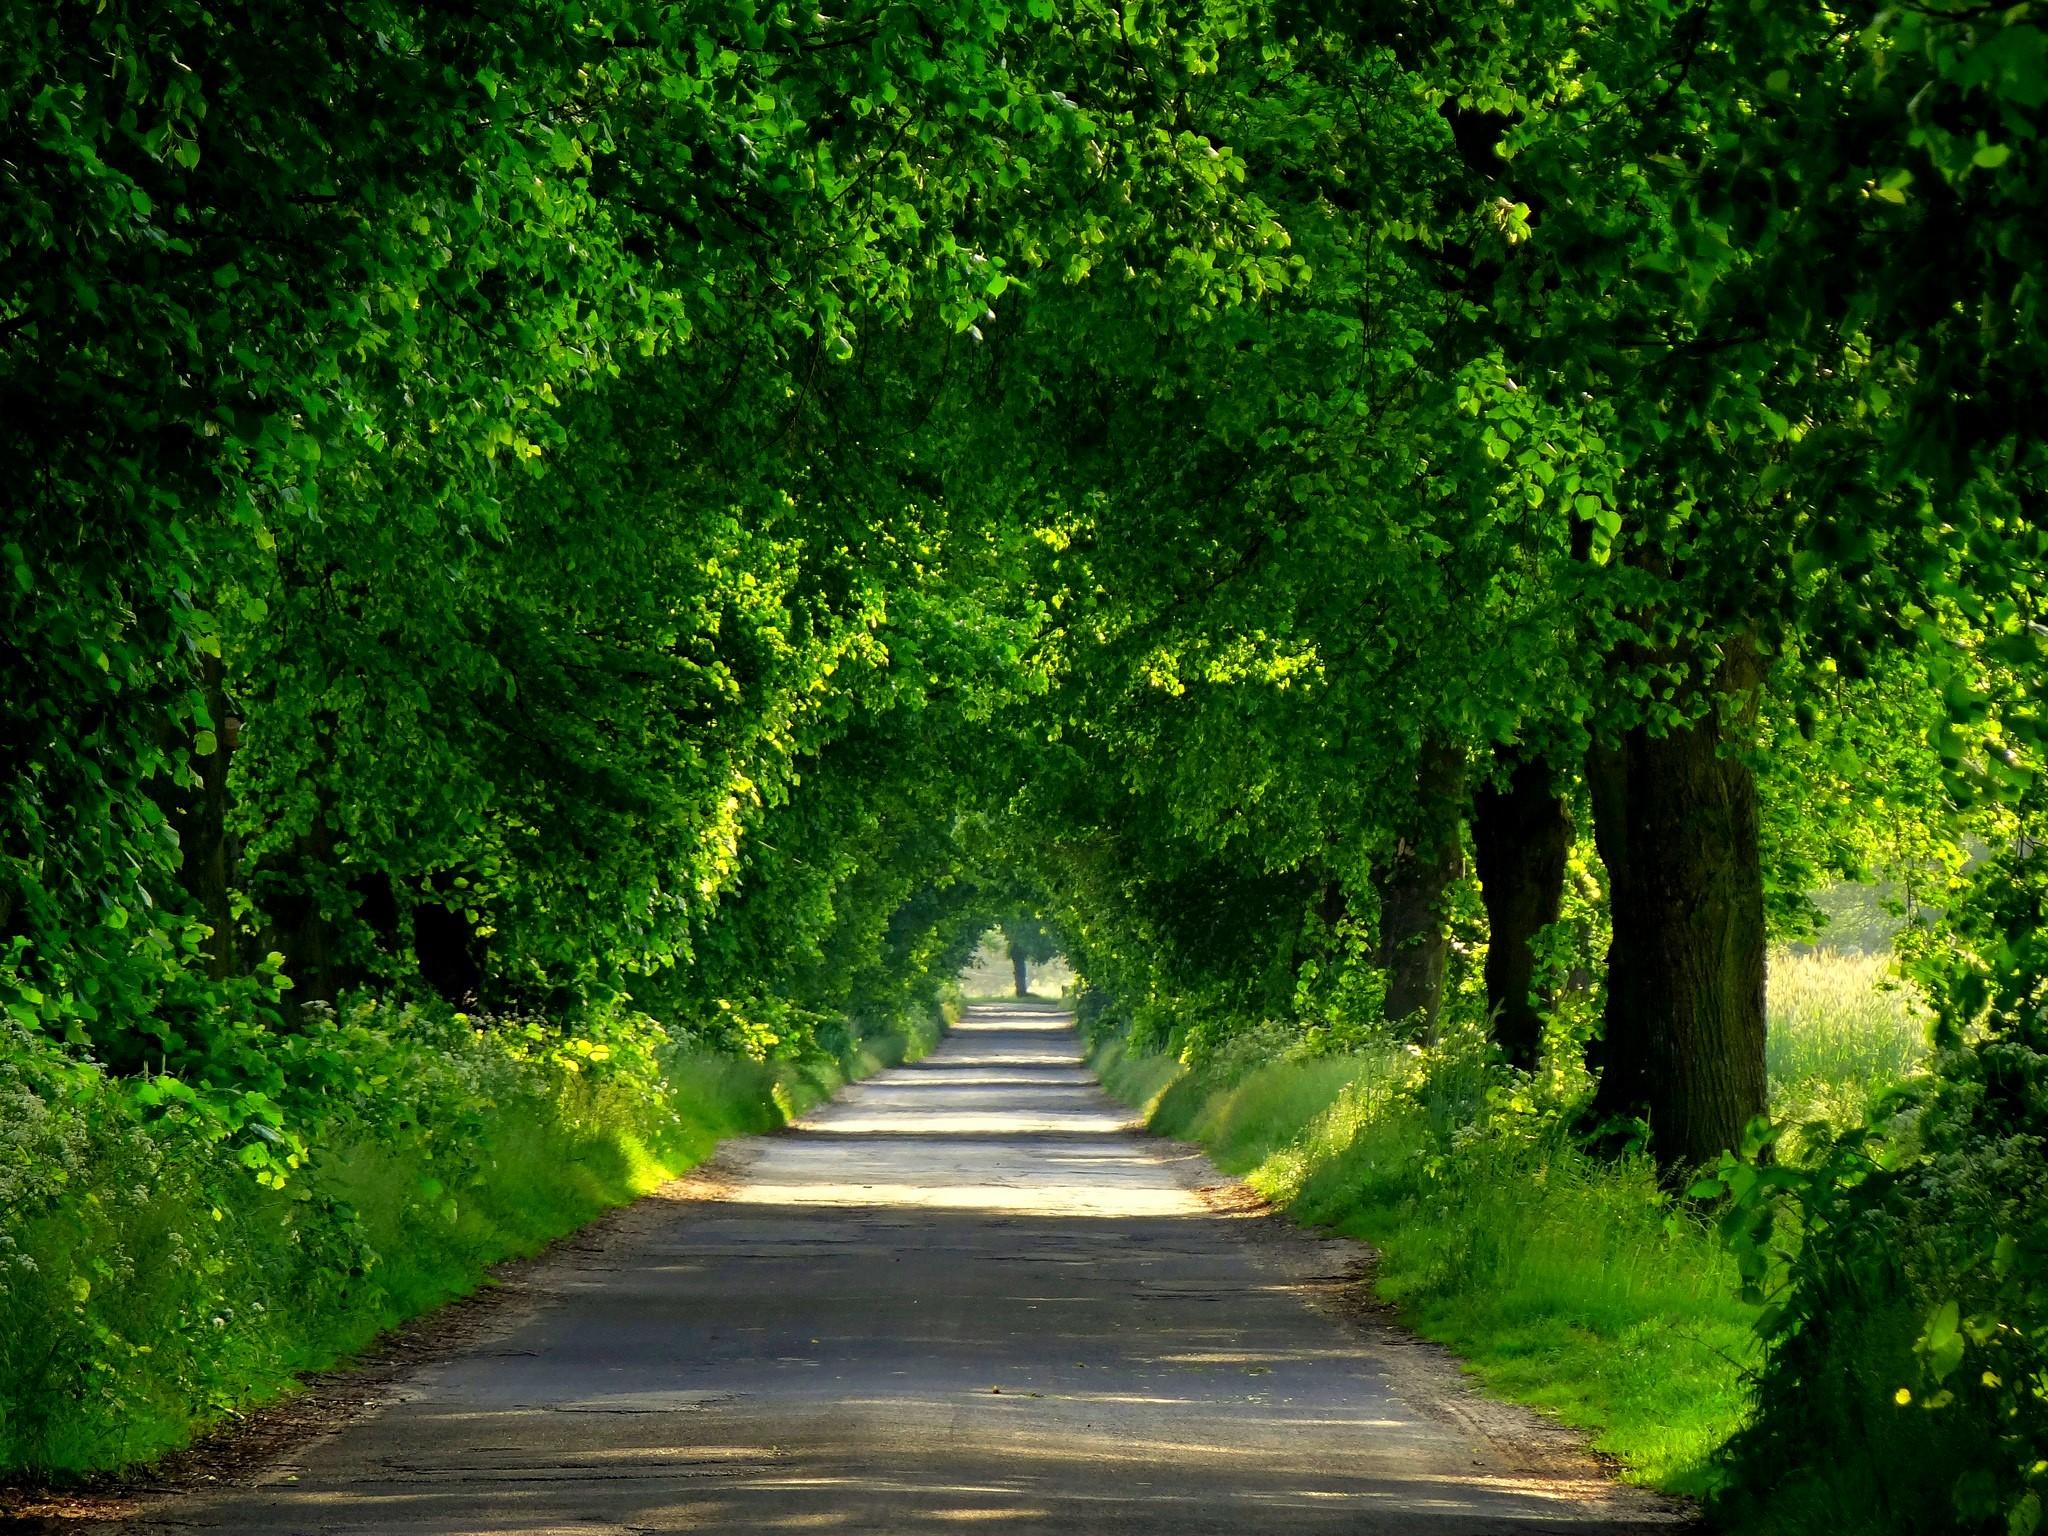 دعای جلوگیری از سفر شخص - دعای سلامتی مسافر در سفر